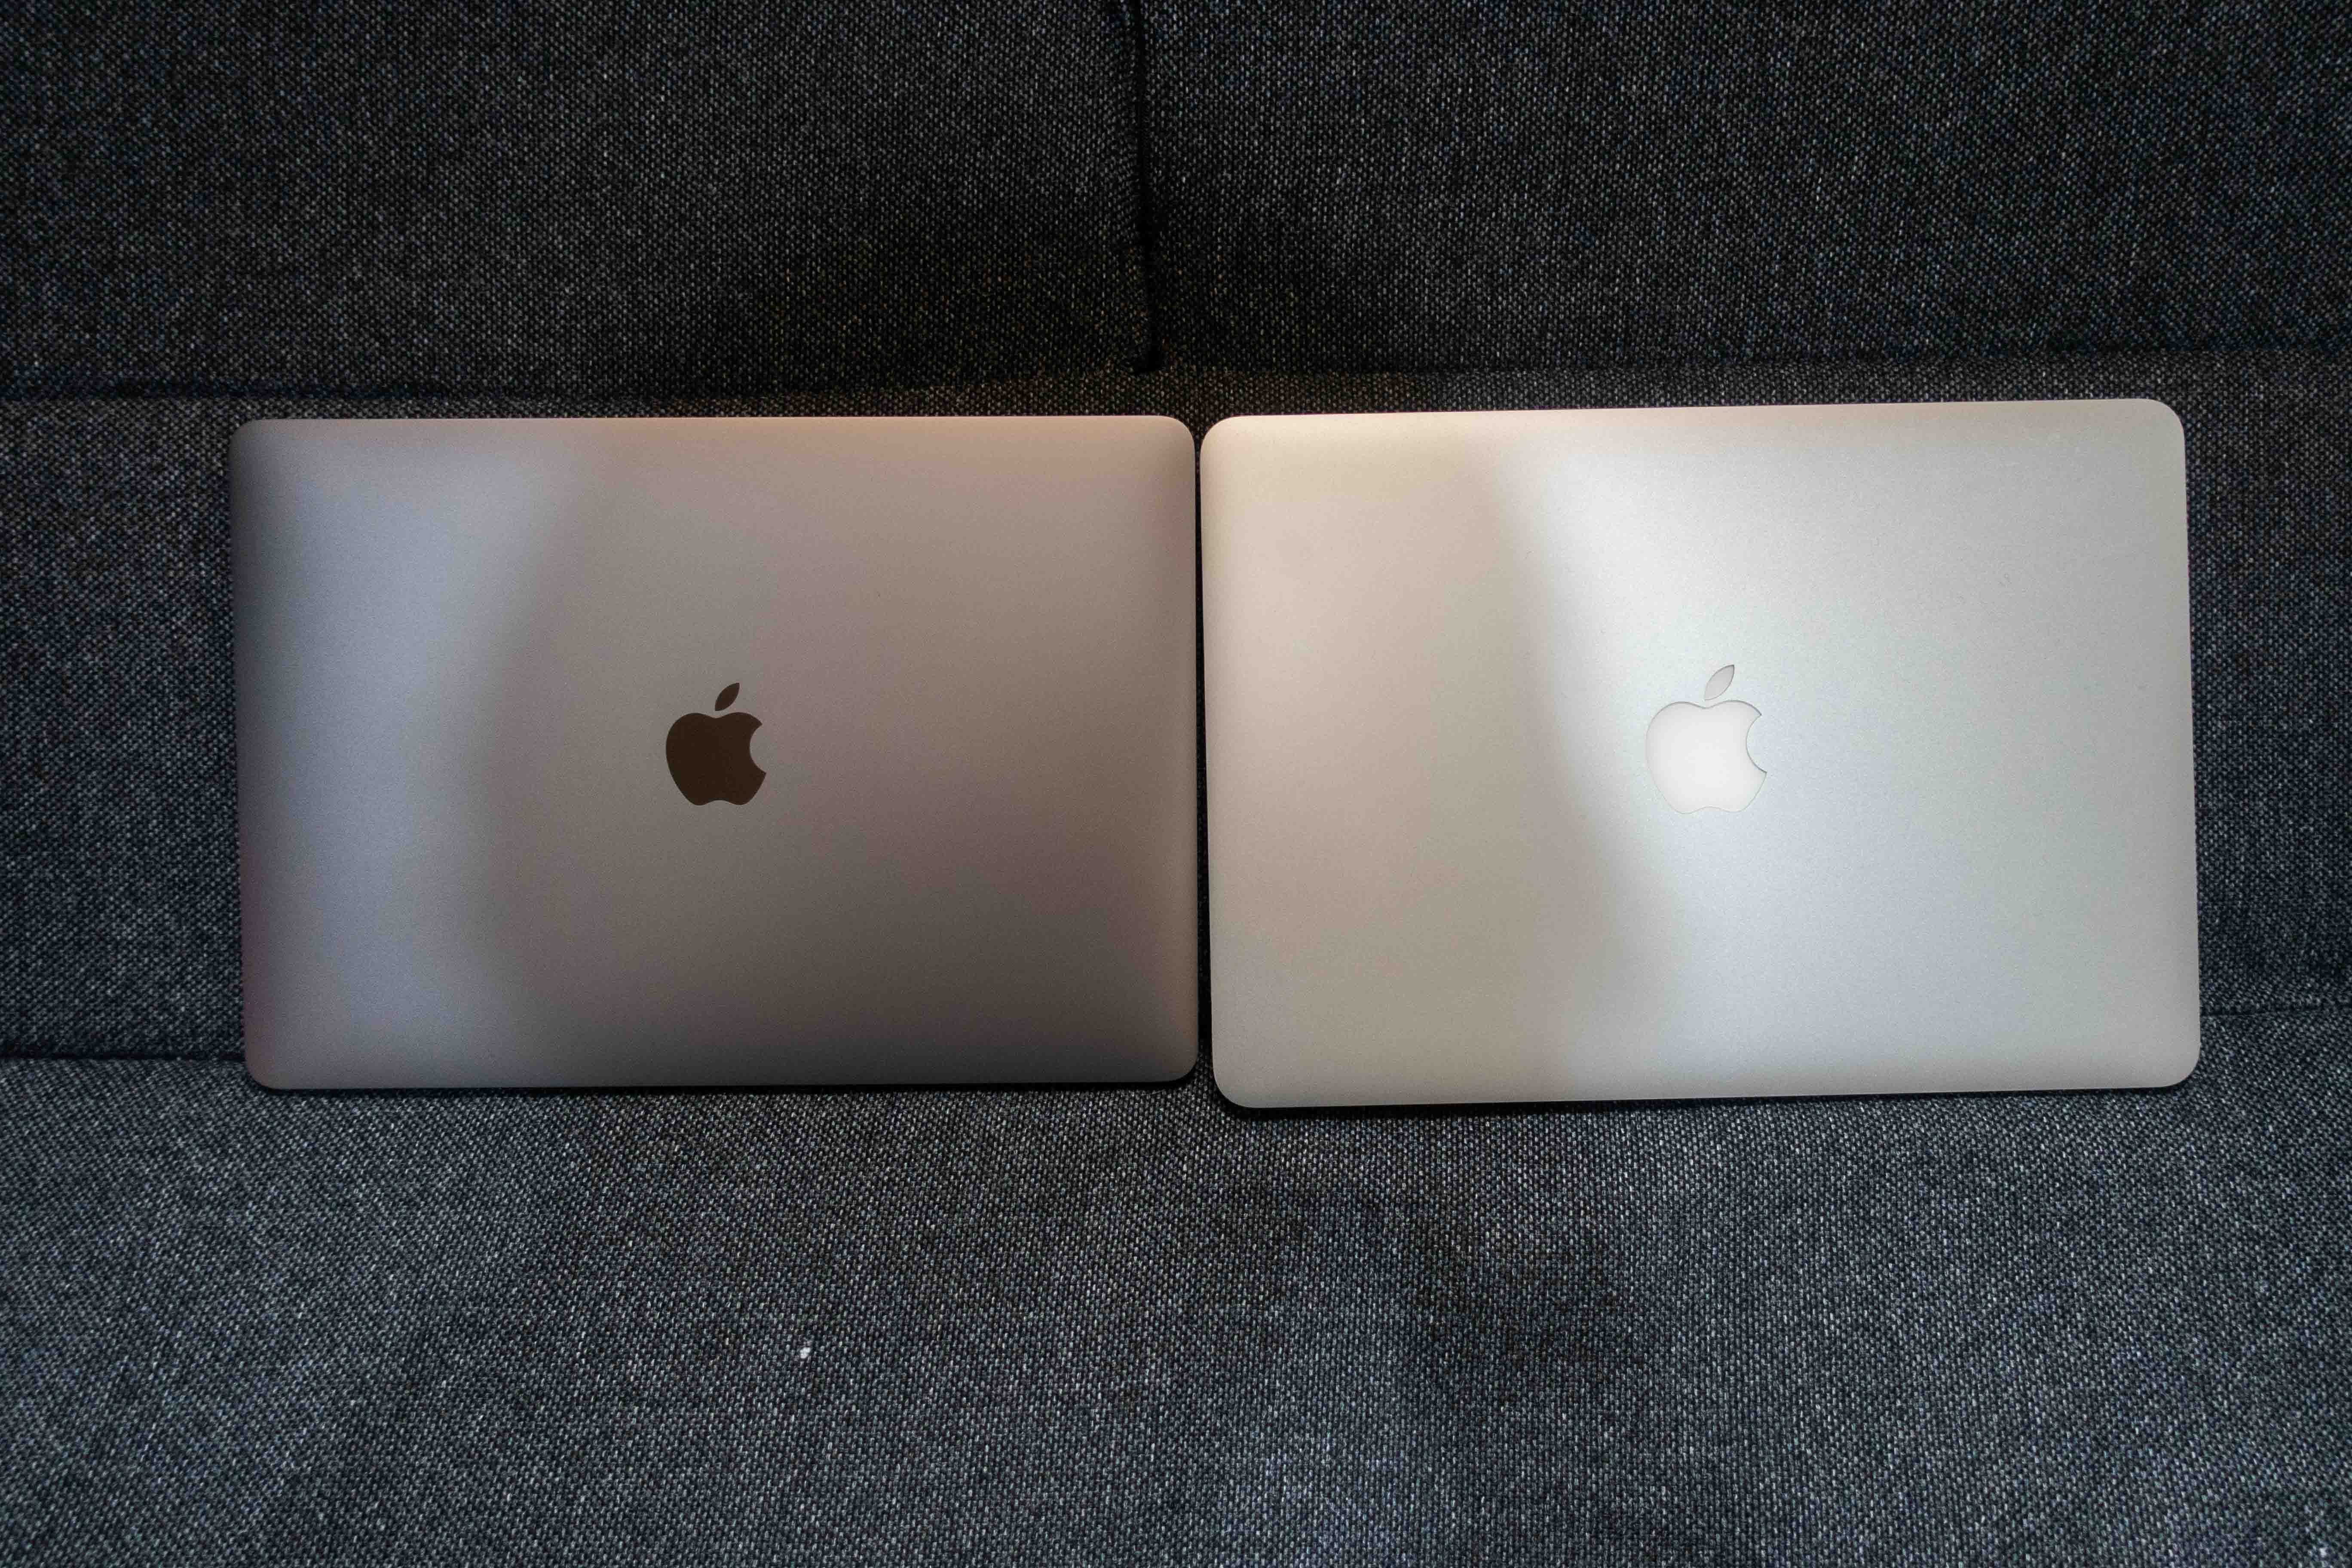 MacBook AirとMacBook Proの上